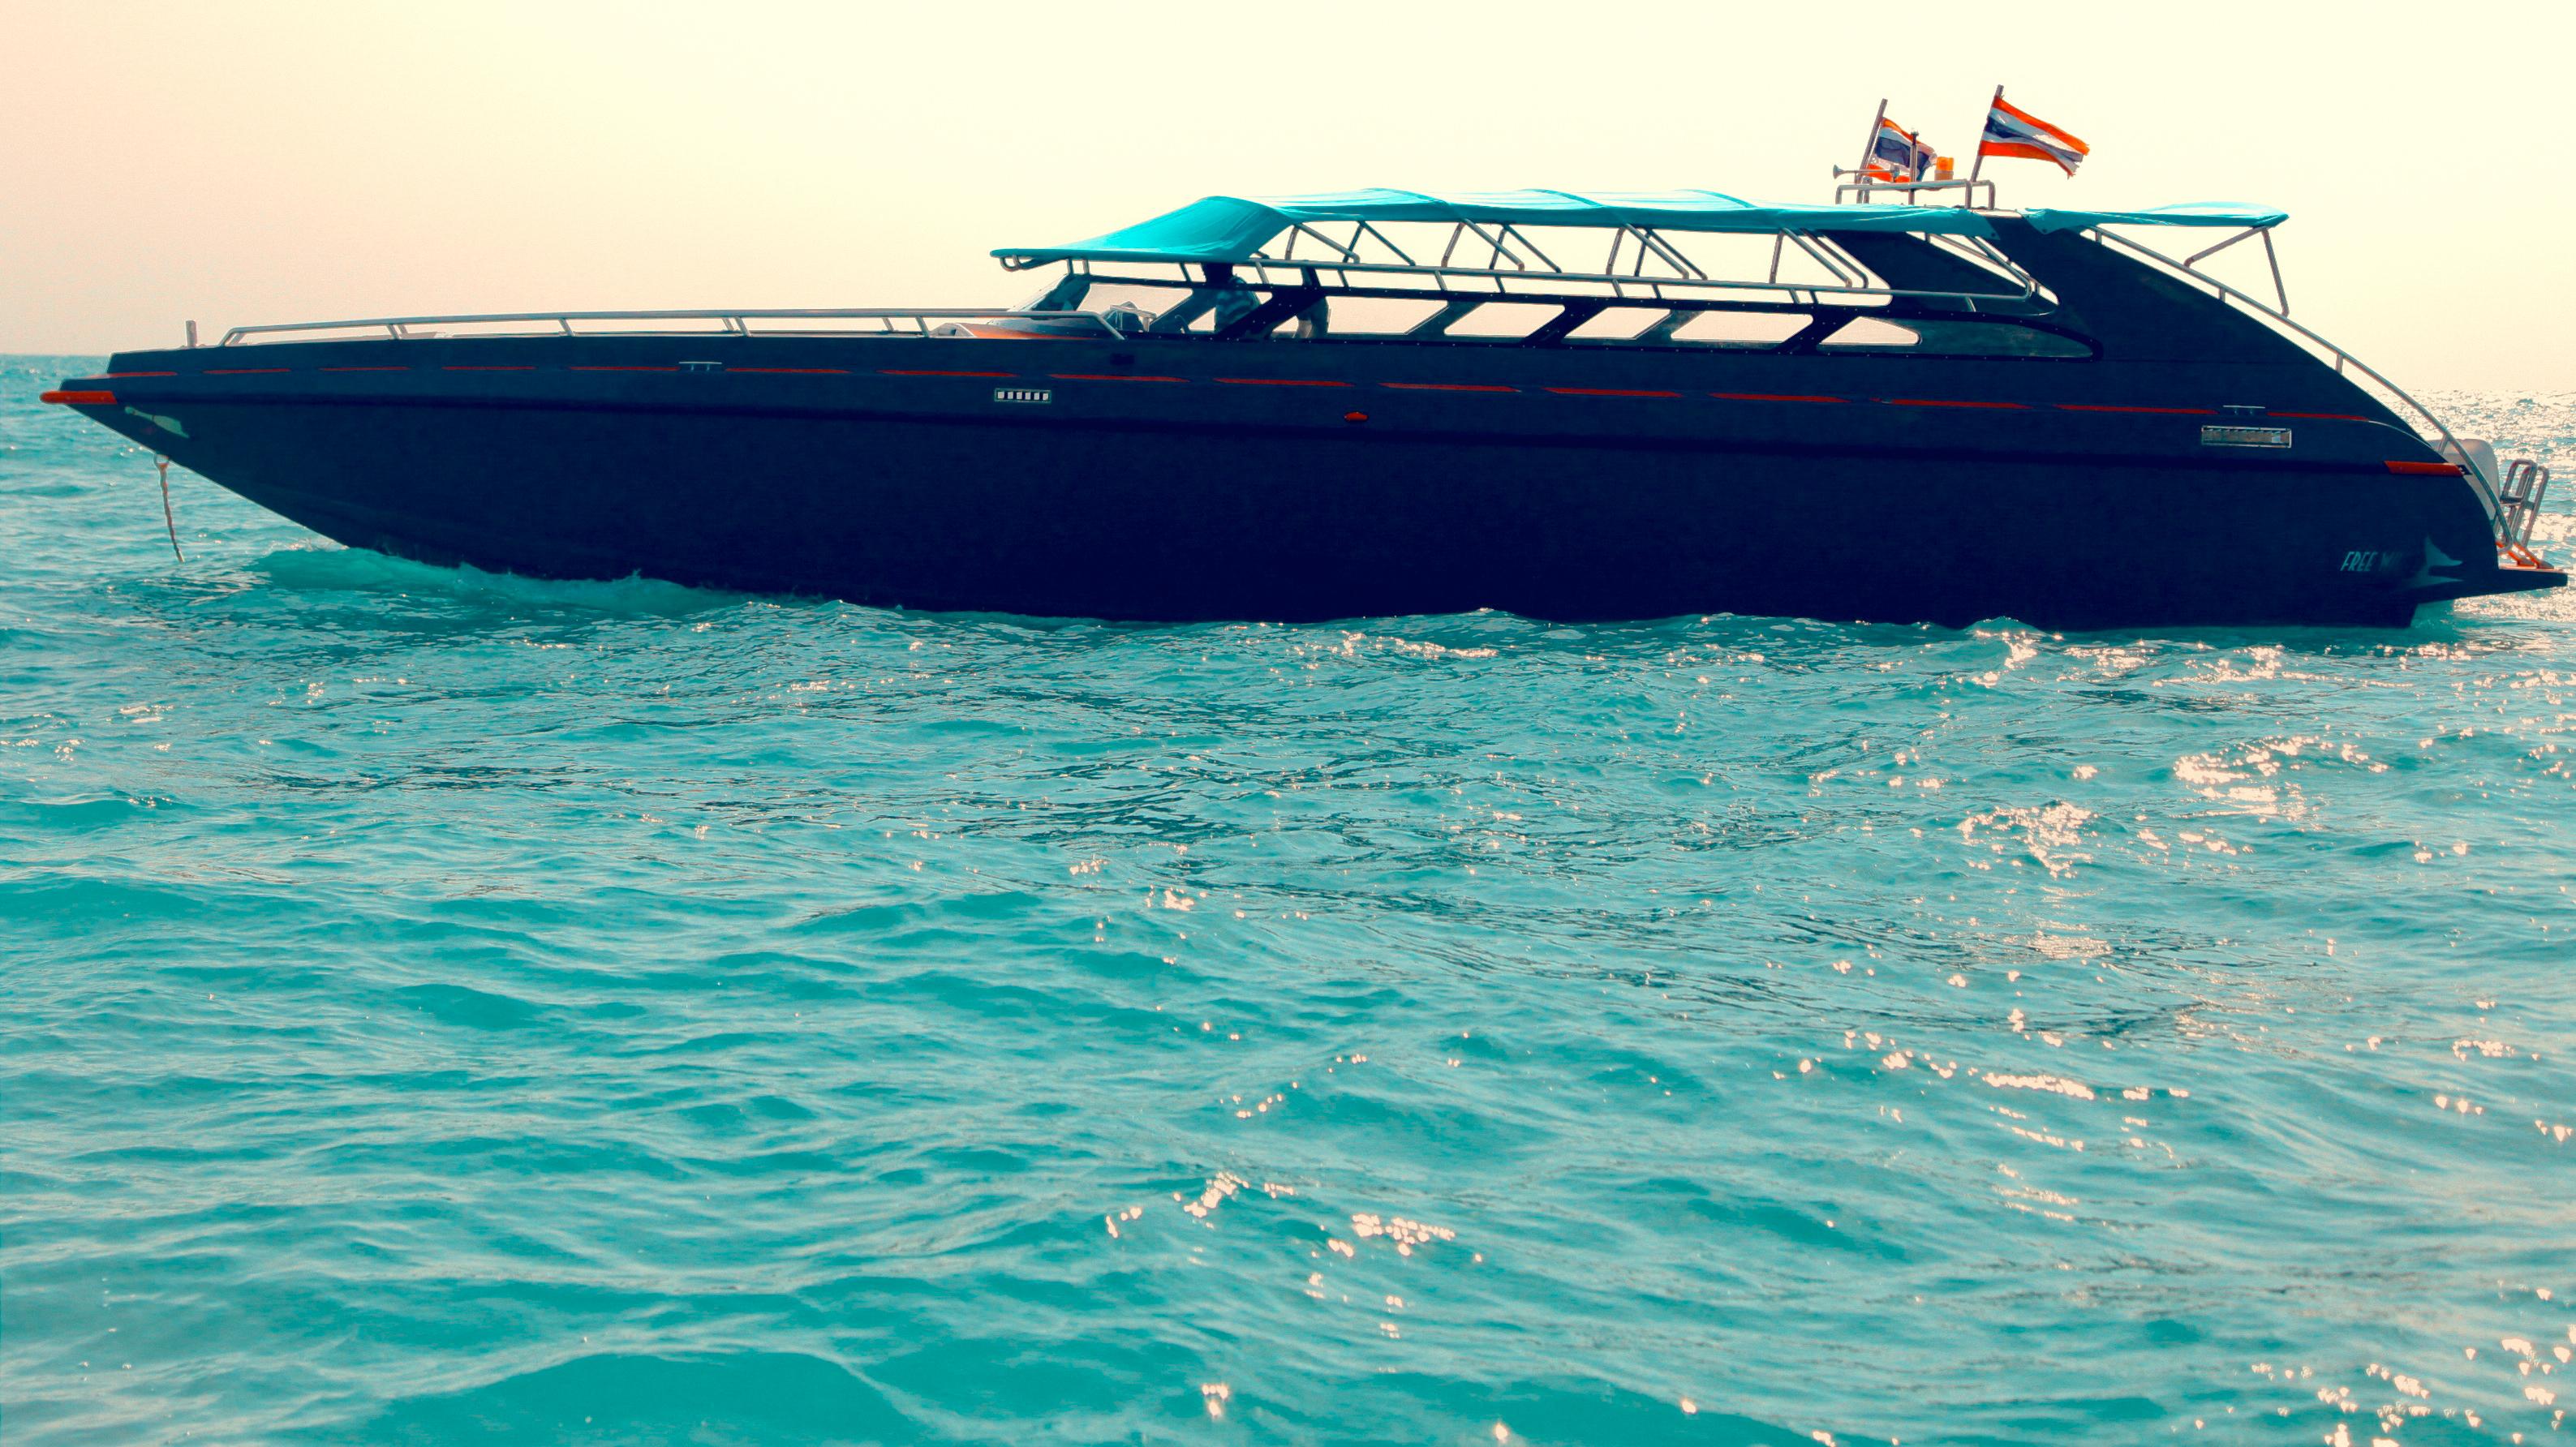 1aa42-02_phuket-speed-boat-tour-holiday-vacation-phuket-free-willy-luxury-speed-boat-charter-phuket-thailand-hi-picture-boat